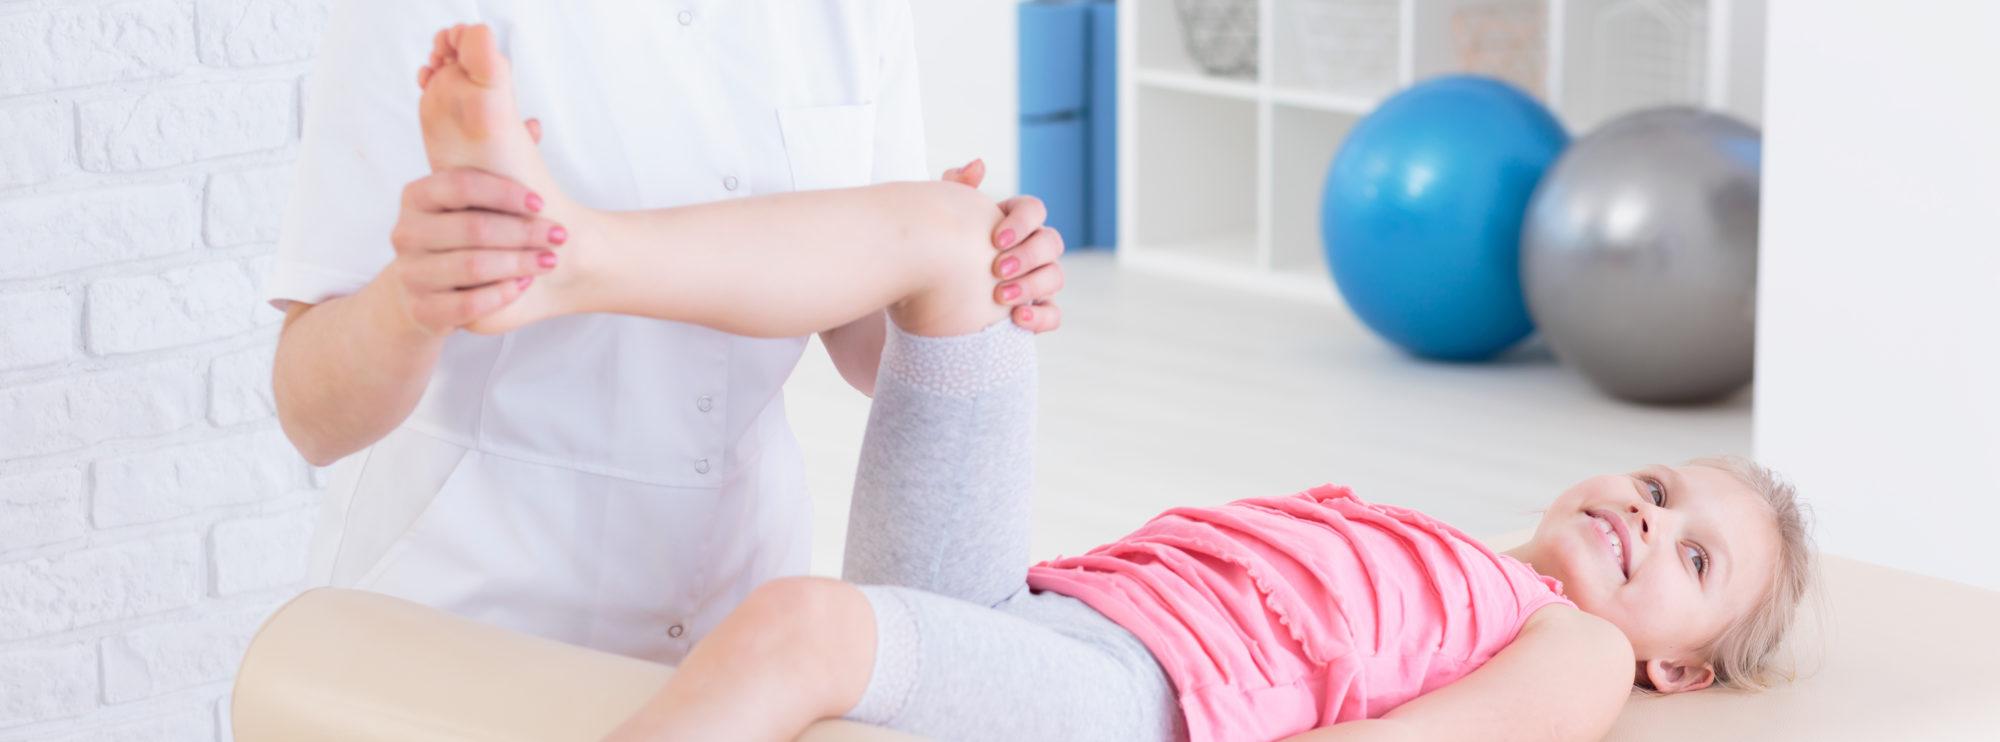 Rehabilitacja dziecka prowadzona przez wyspecjalizowanego fizjoterapeutę